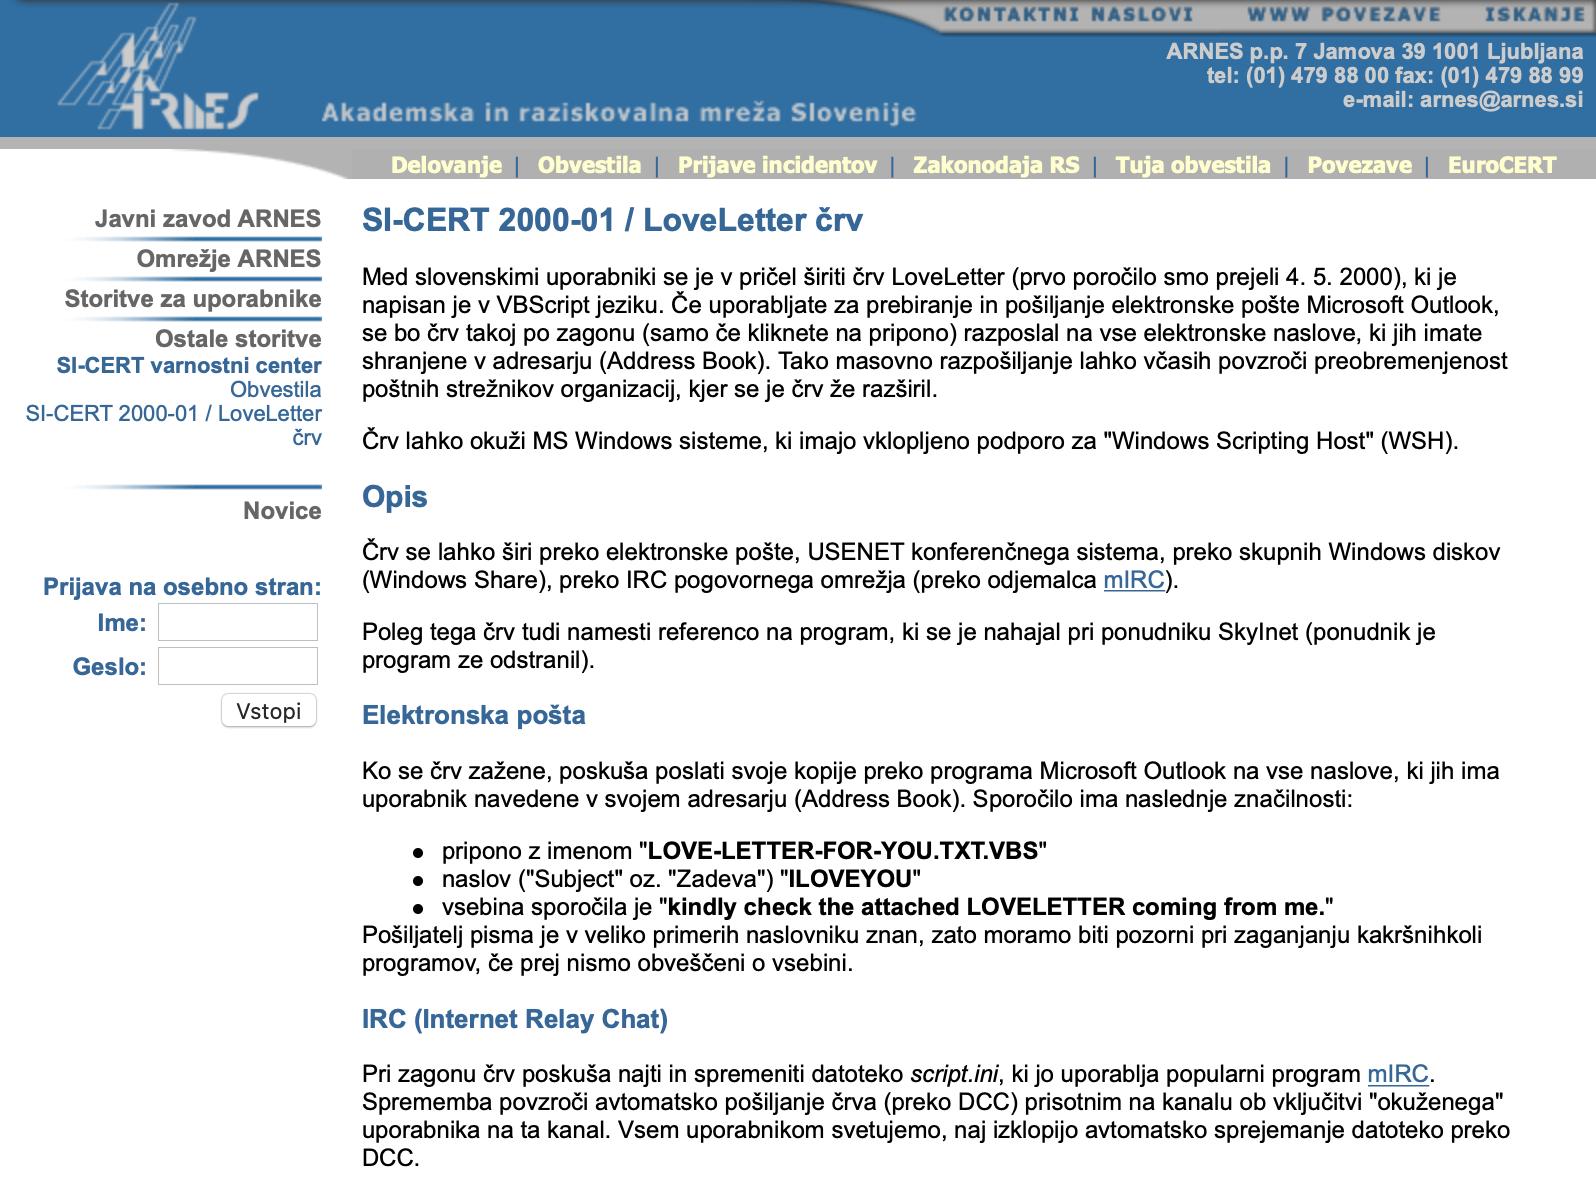 Originalno obvestilo SI-CERT o LoveLetter črvu iz leta 2000